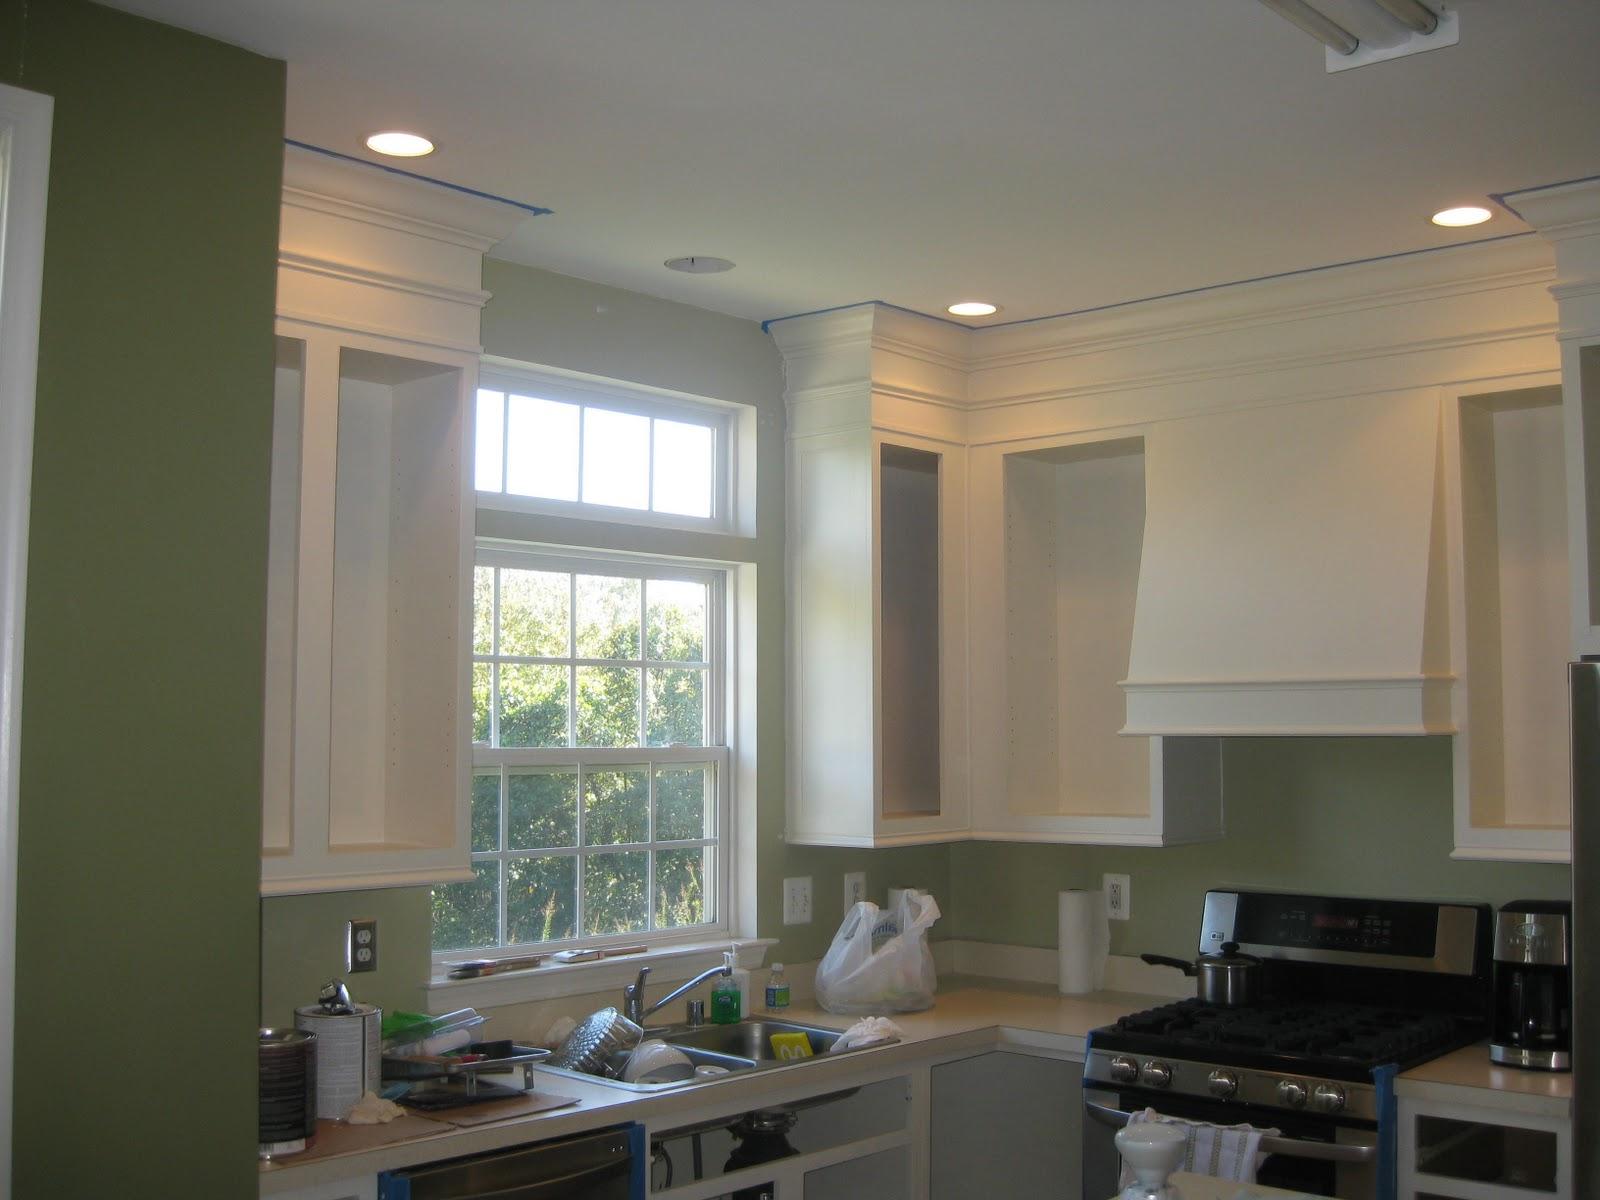 Gabinetes de cocina colores de la pintura benjamin moore for Colores para cocina